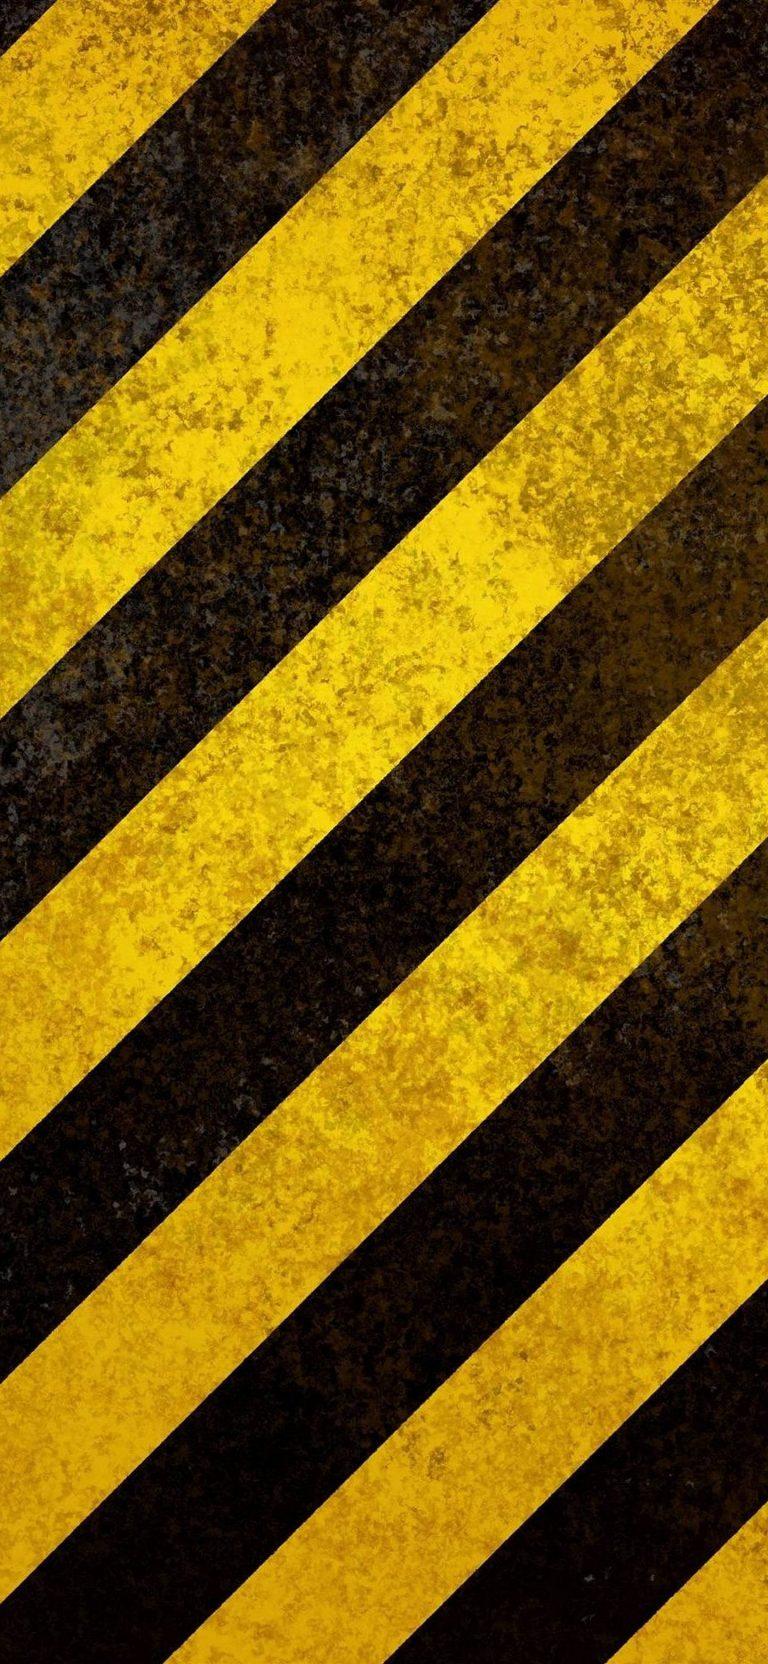 1440x3120 Wallpaper 002 768x1664